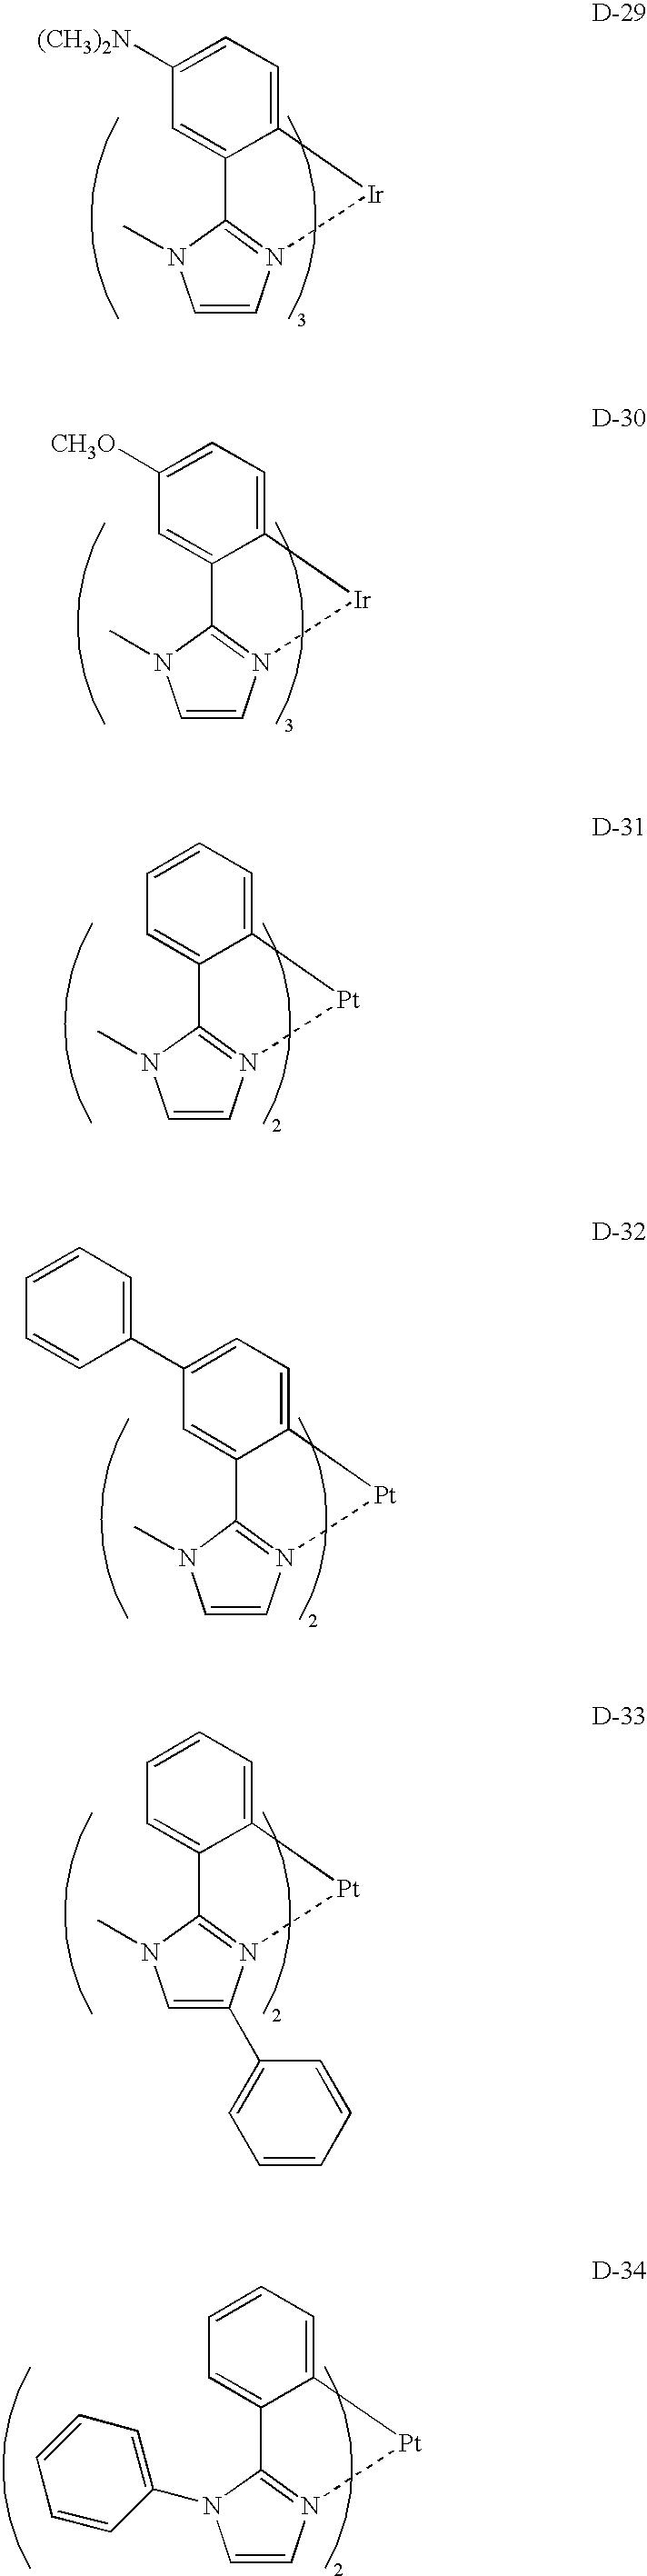 Figure US08053765-20111108-C00026